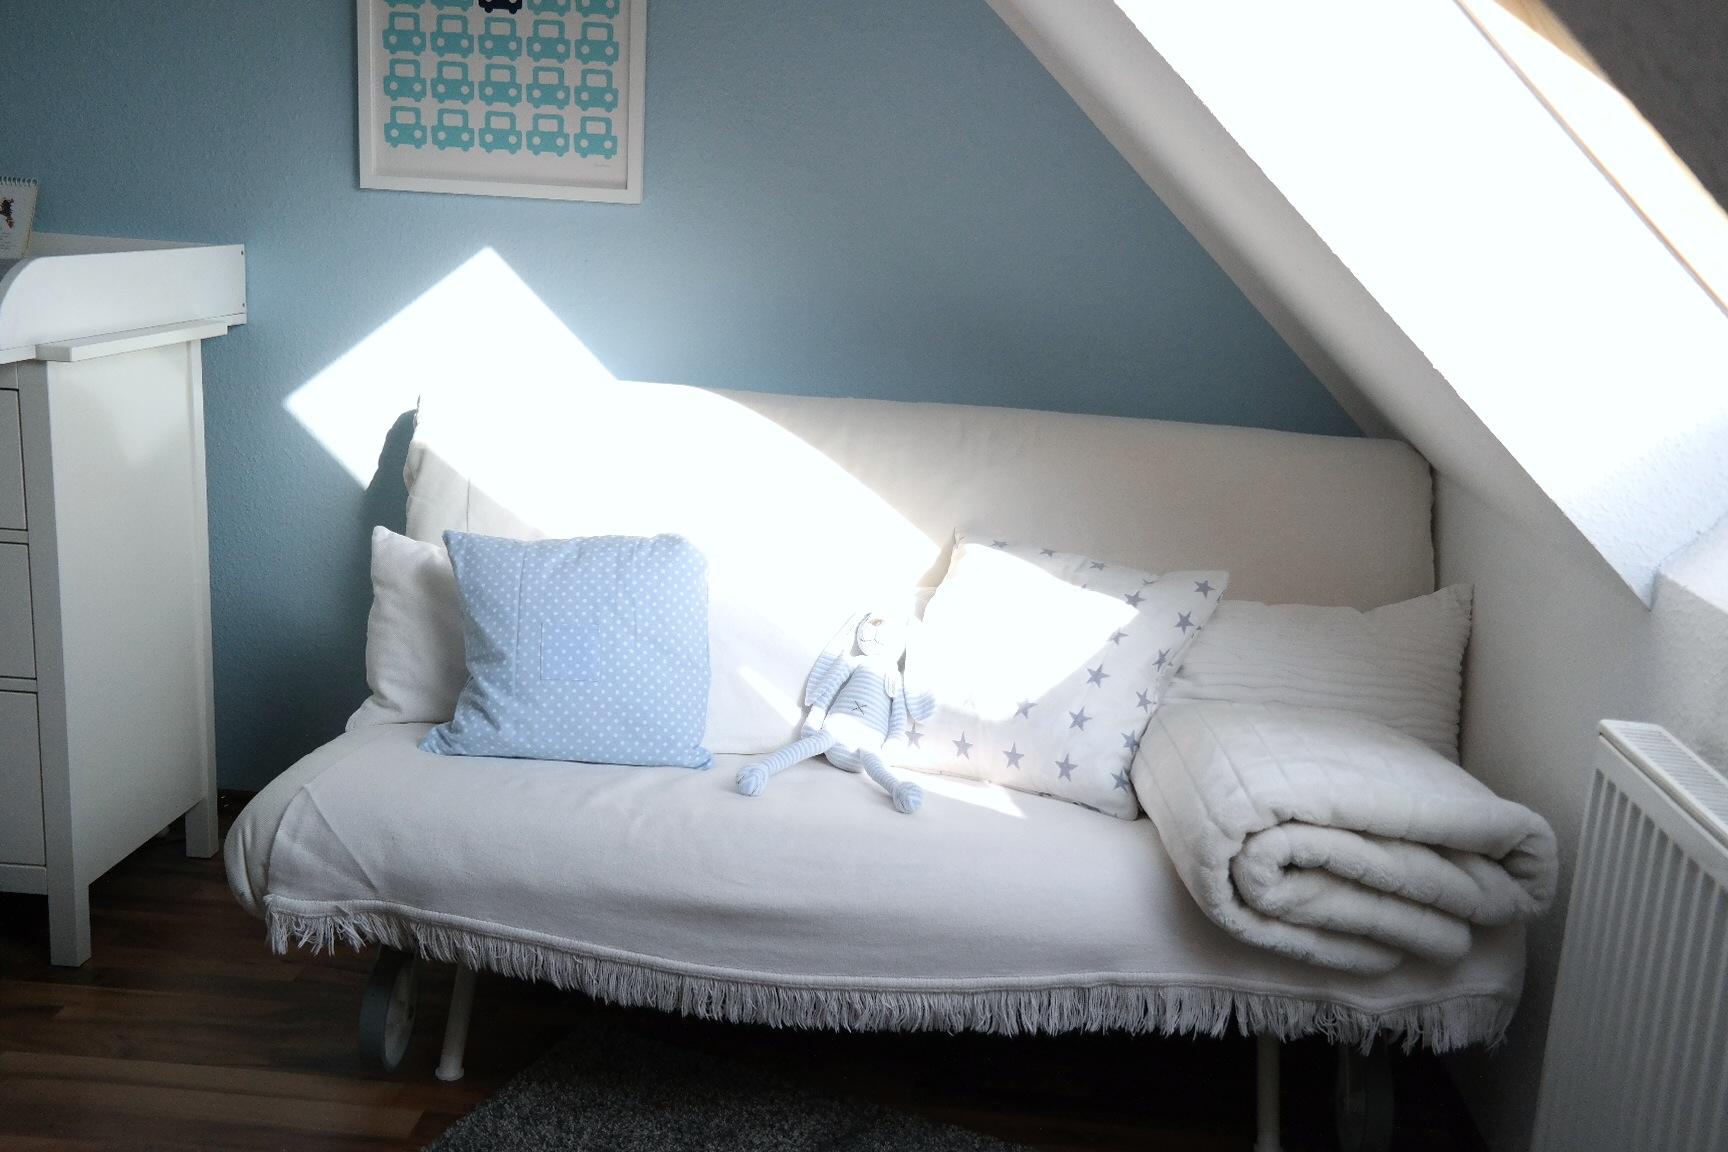 Babyzimmer Kinderzimmer Erstaustattung Blog Kuschelecke Kissen Blog ...